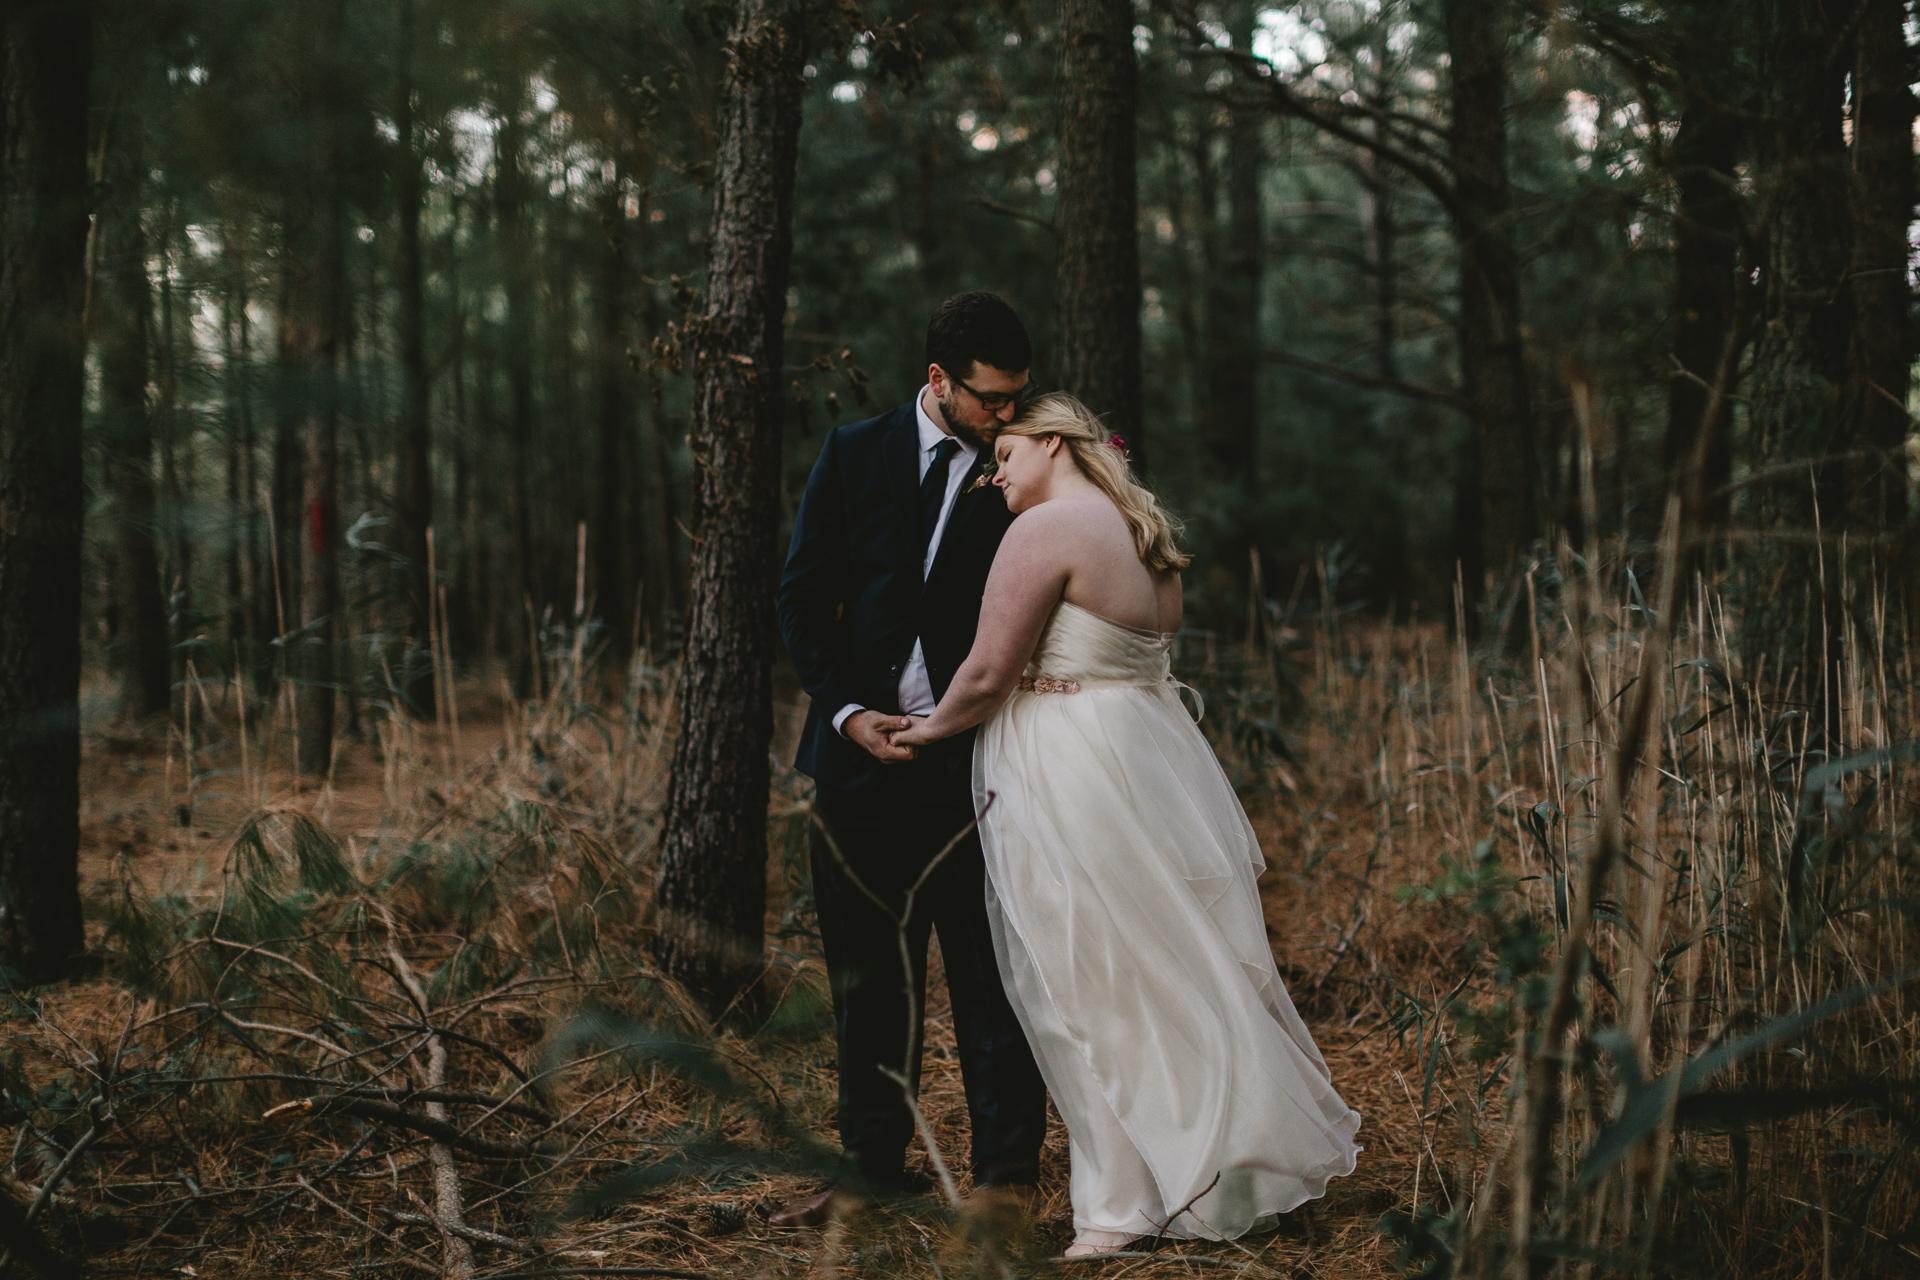 jess-hunter-tilghman-island-wedding-photographer-8208.jpg